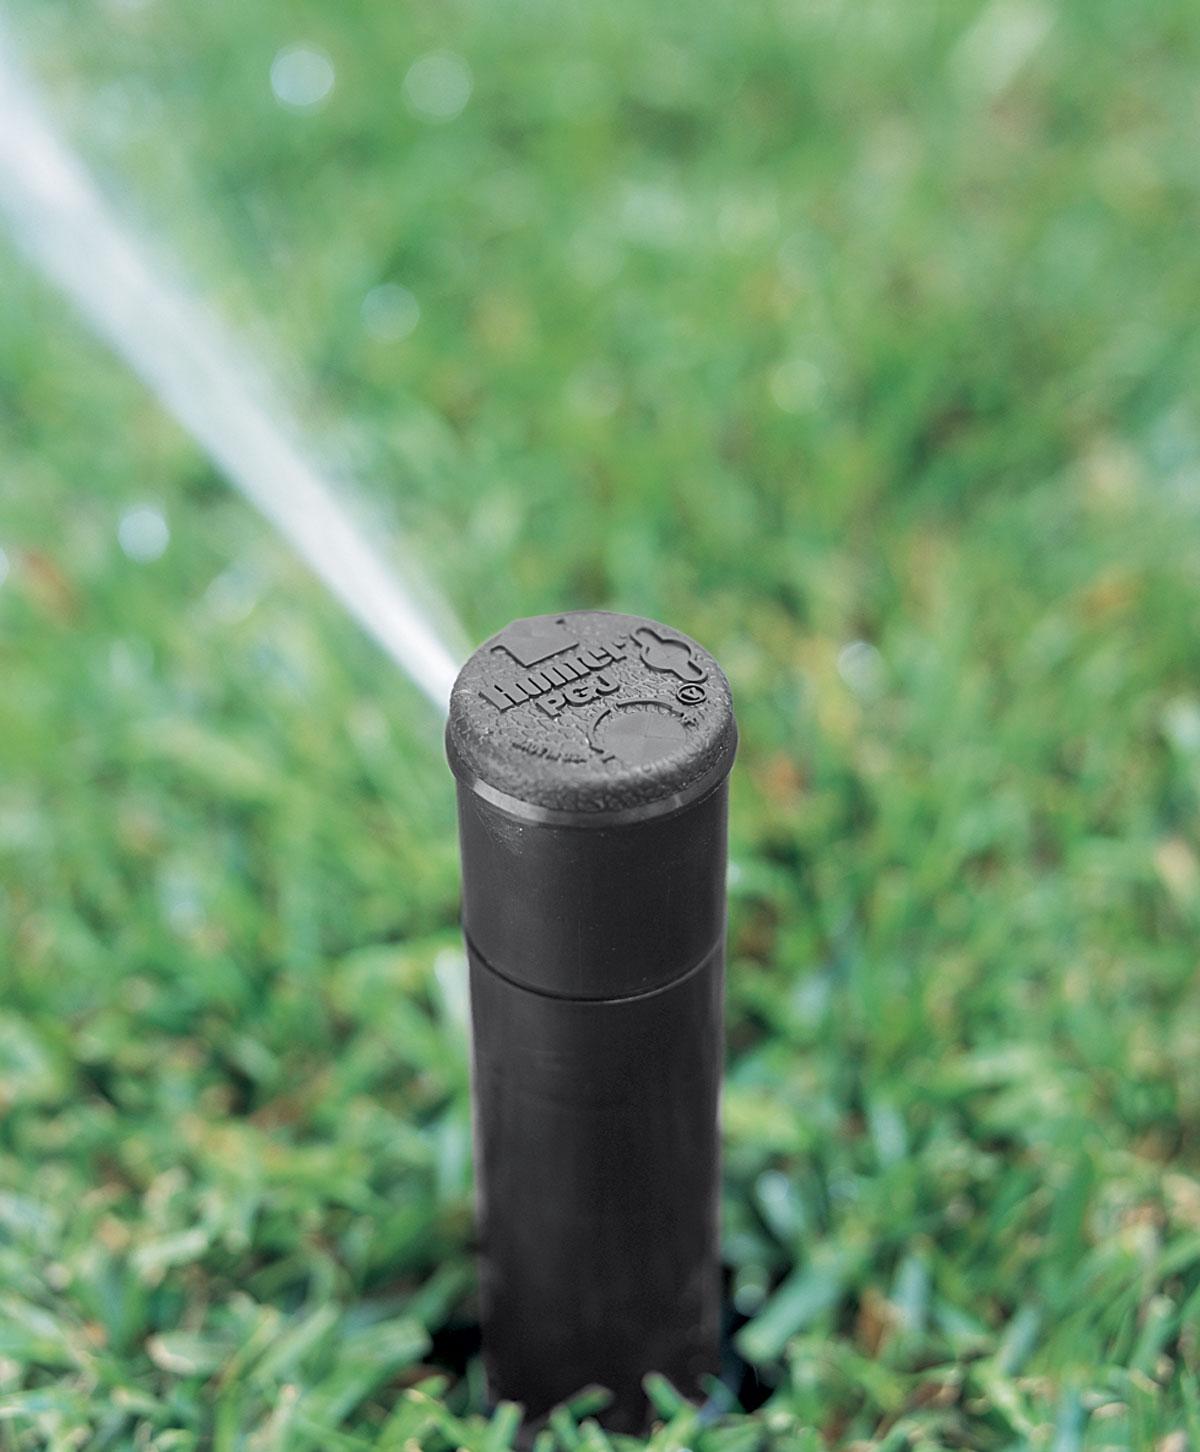 Hunter pgj sprinkler hunter pgj 4 pop up sprinkler - Aspersores de riego ...